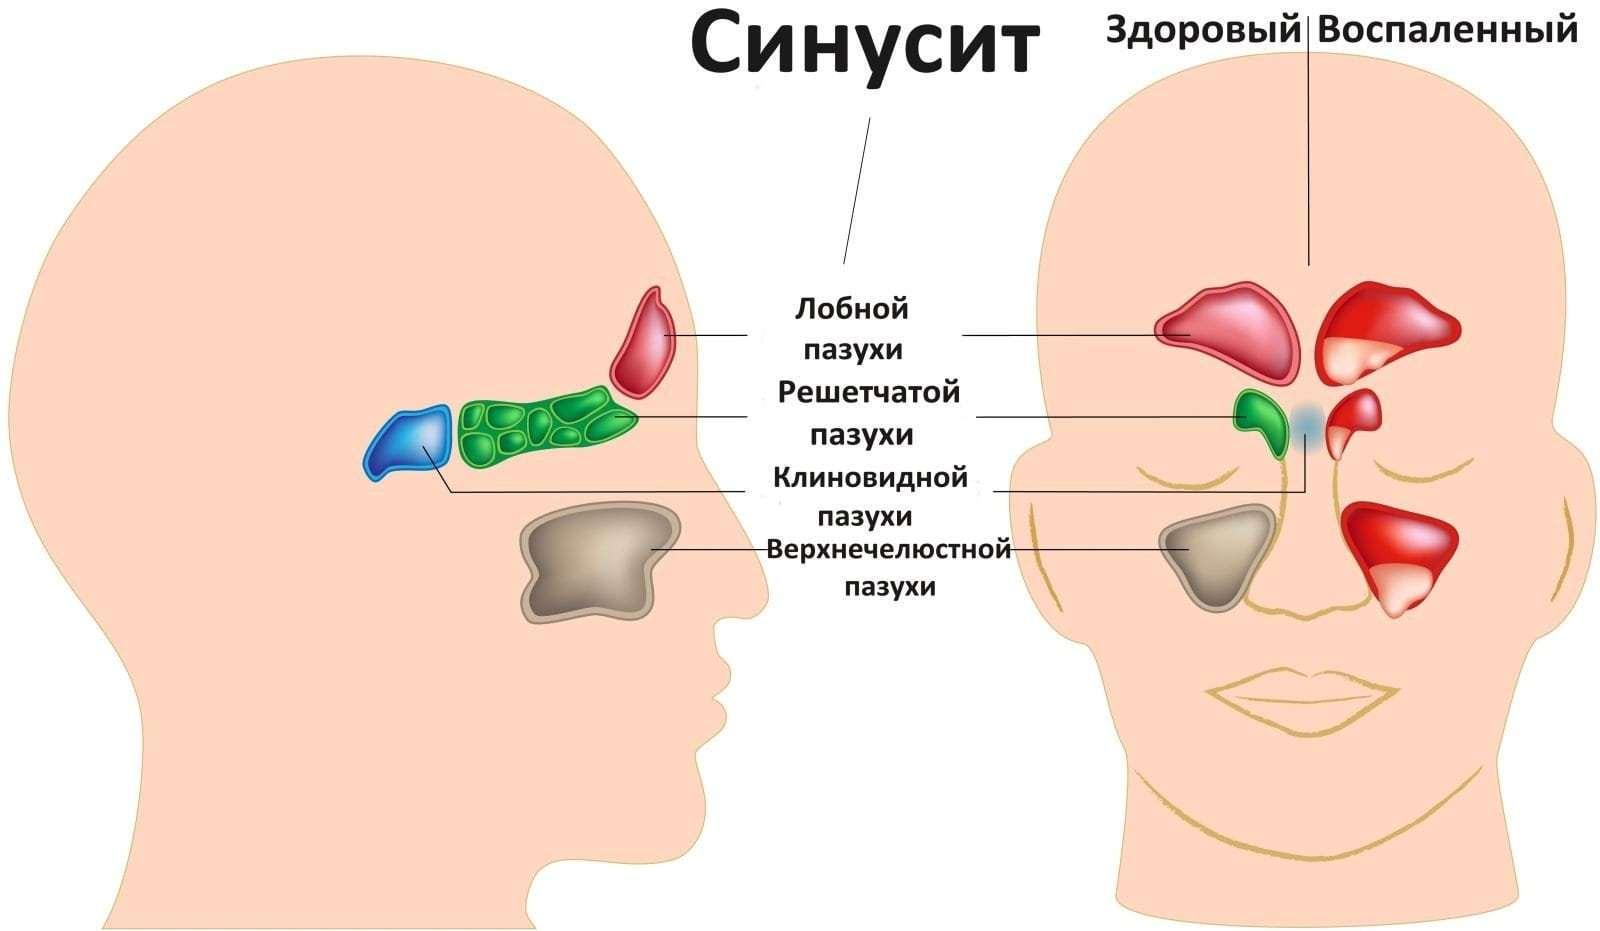 Синусит: симптомы и лечение в домашних условиях